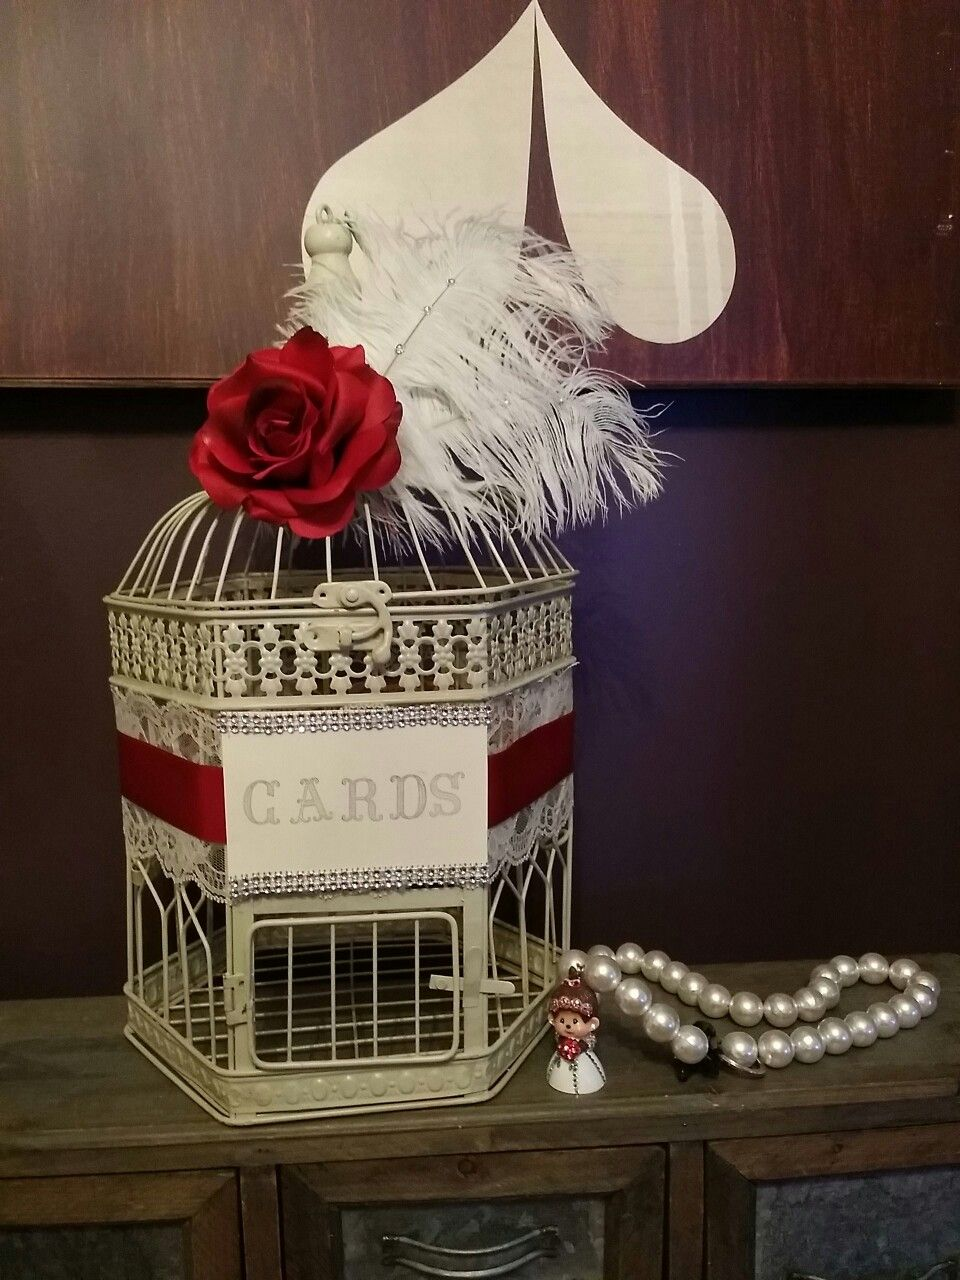 Rose wedding birdcage card holder